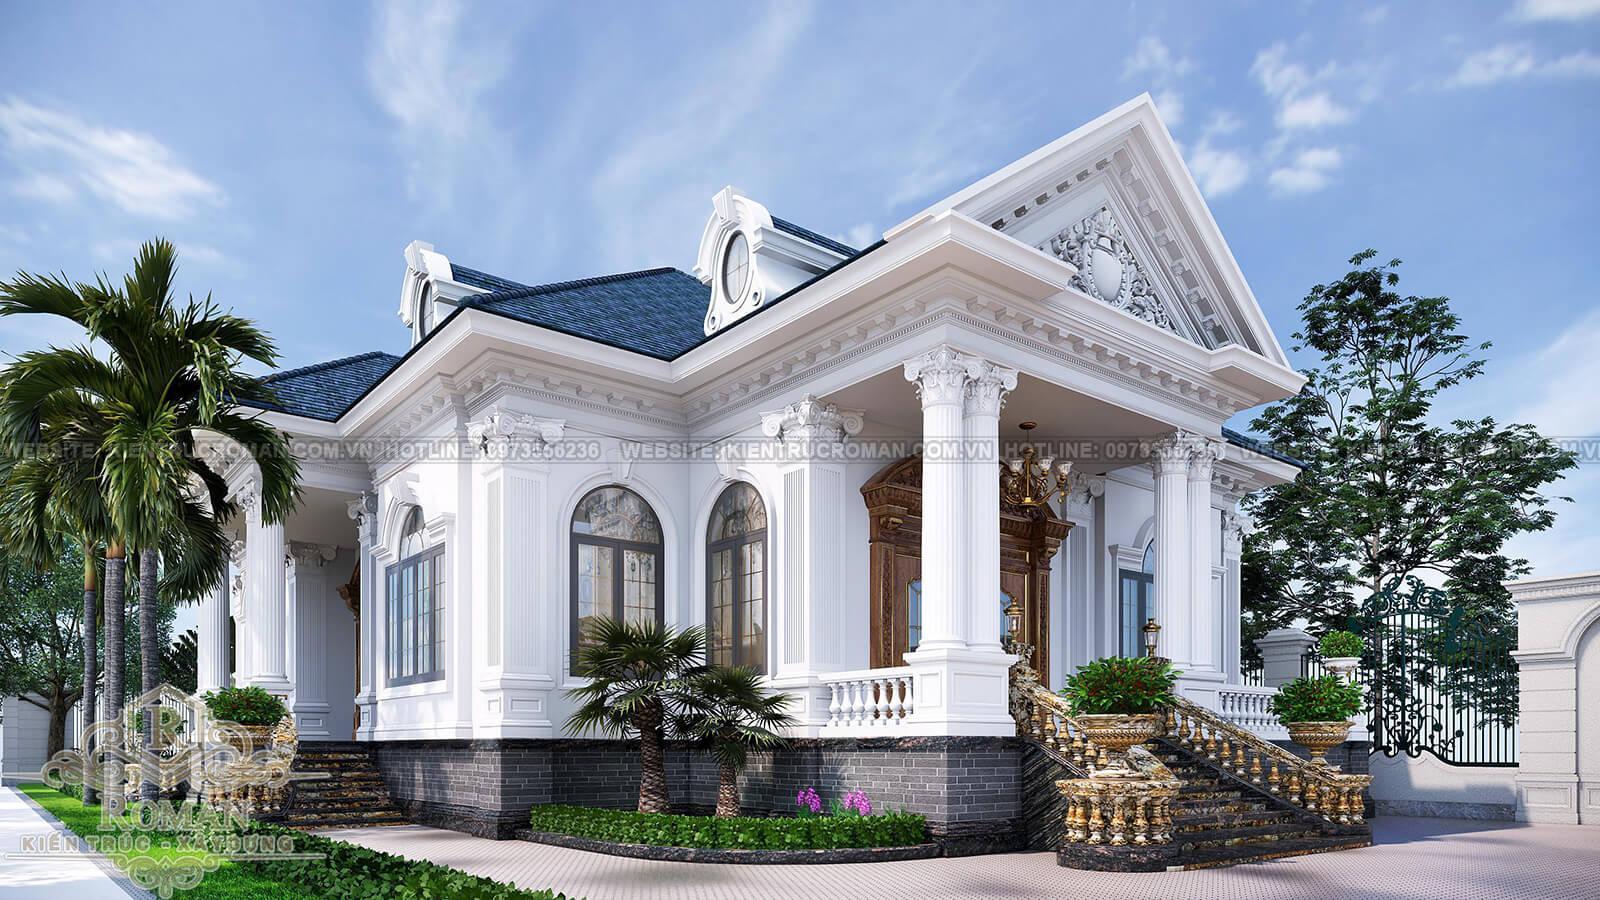 biệt thự nhà vườn 1 tầng kiểu pháp